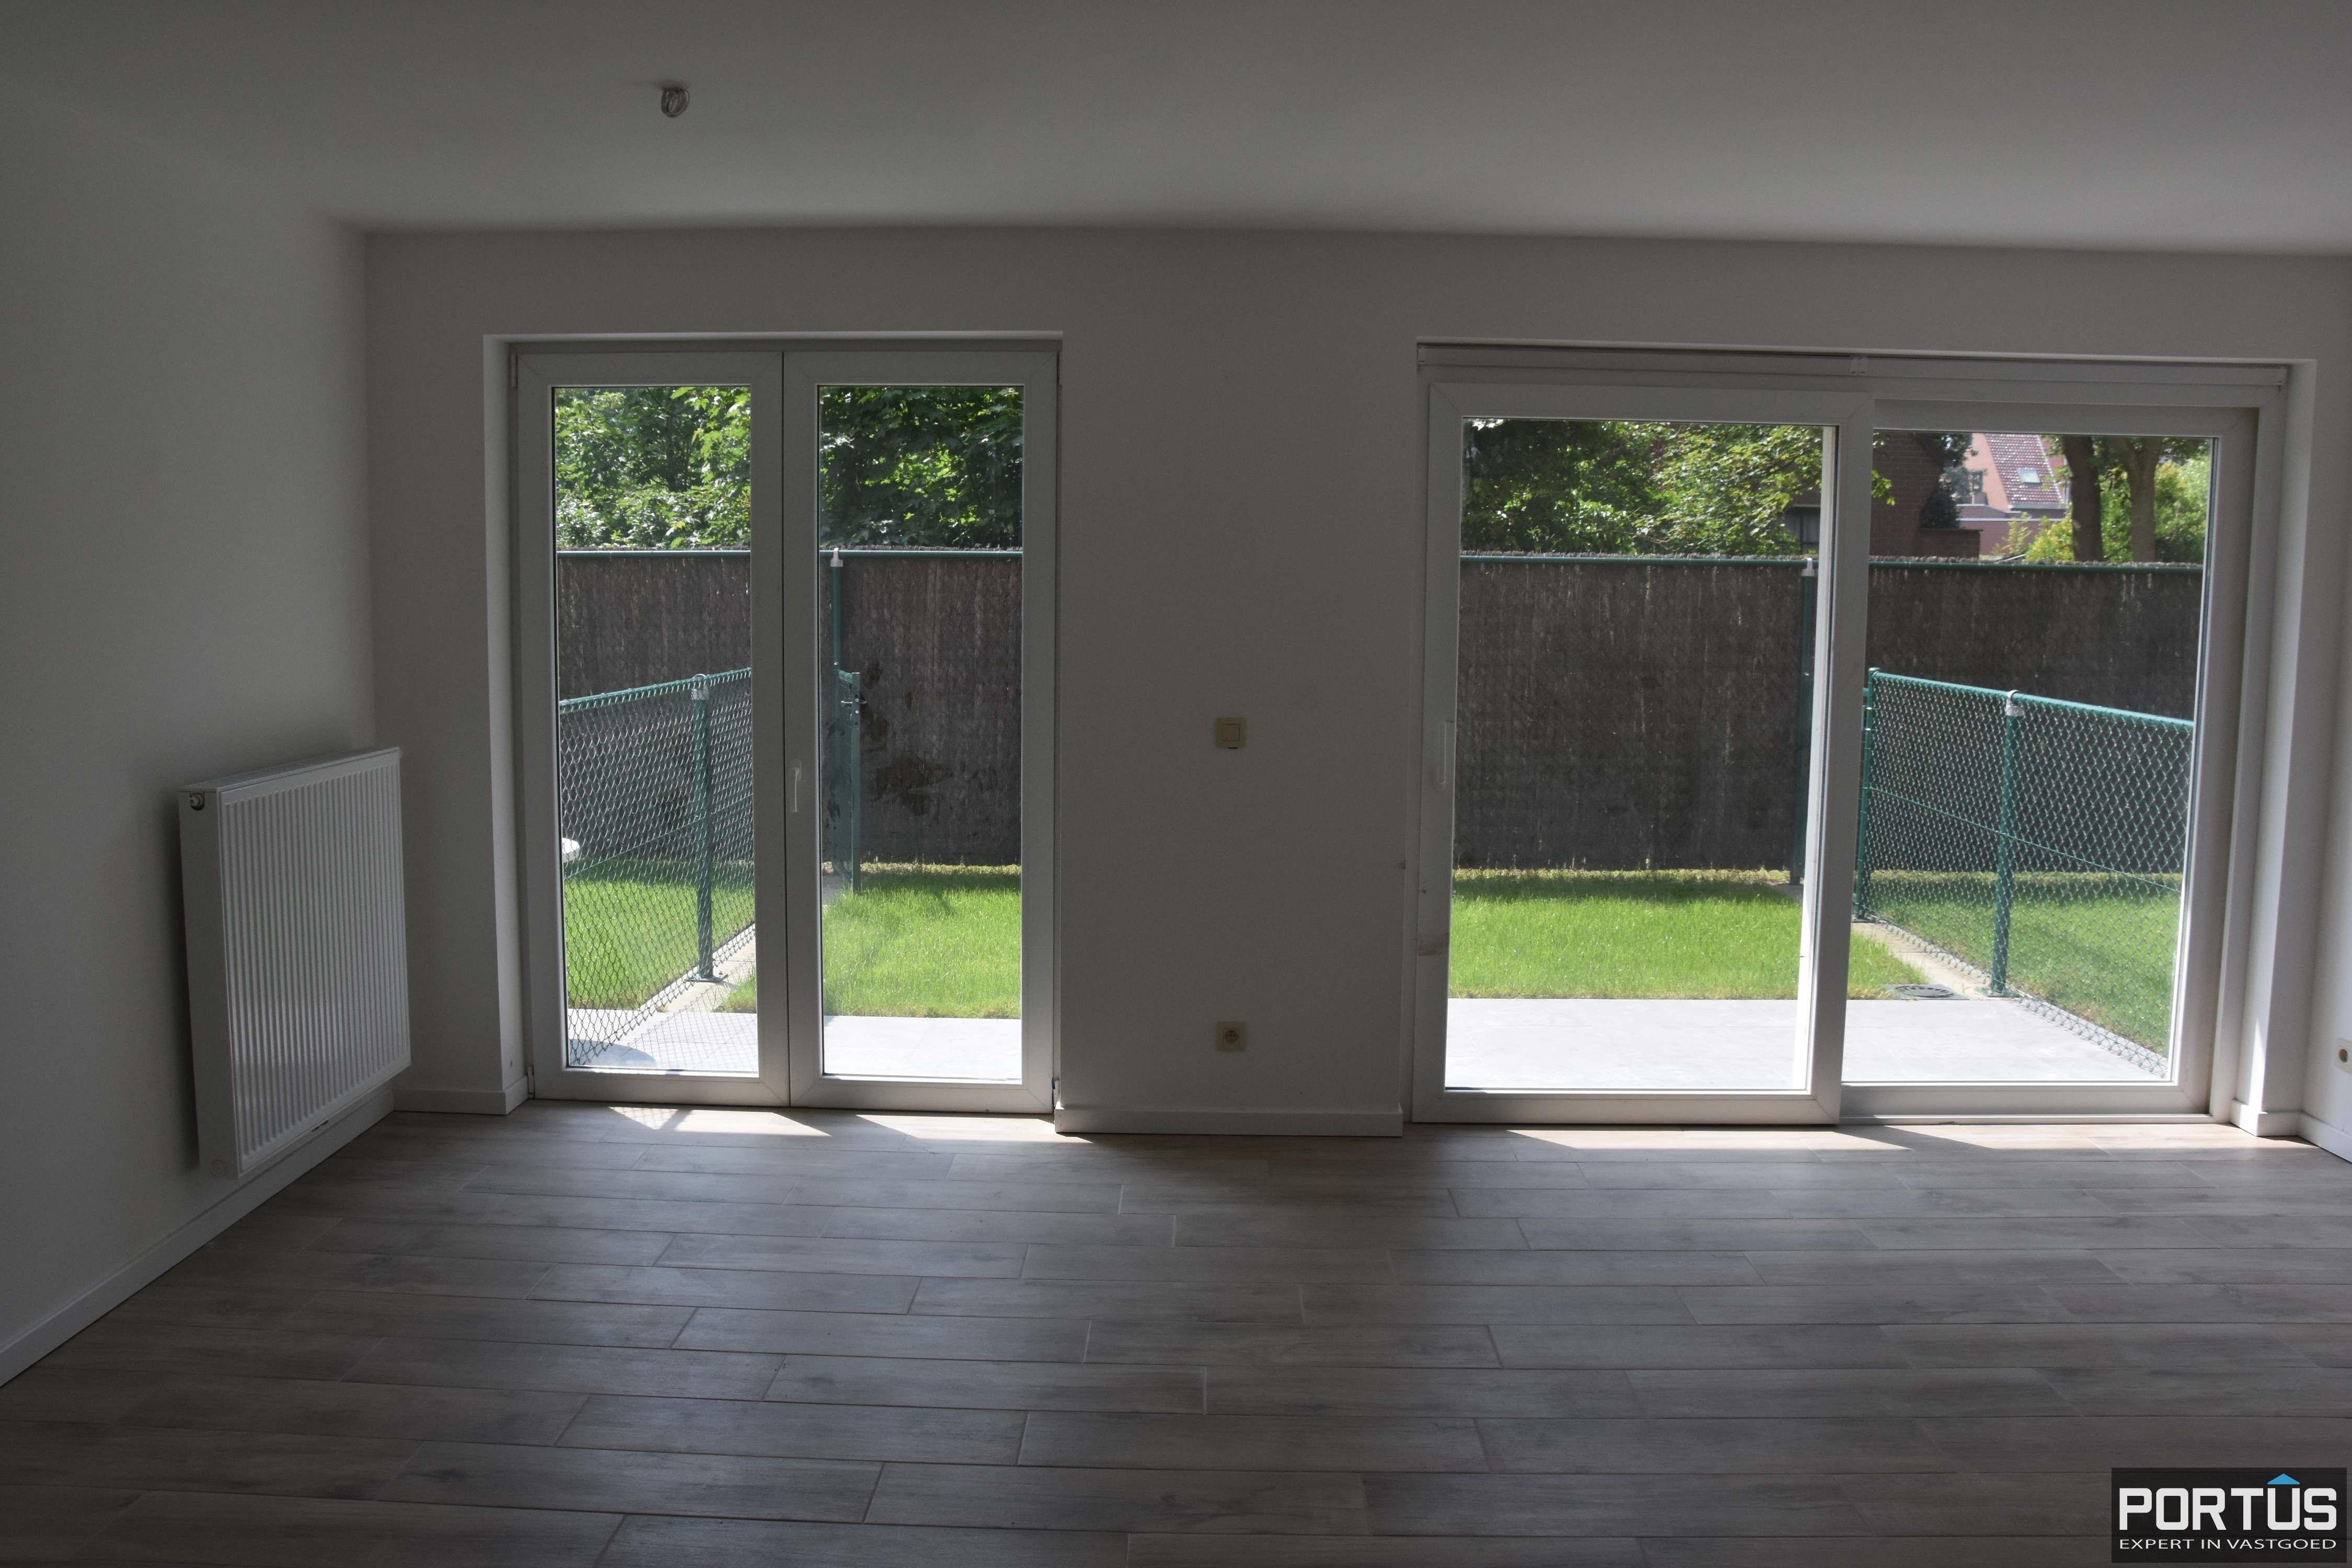 Appartement Residentie Villa Crombez Nieuwpoort - 8340